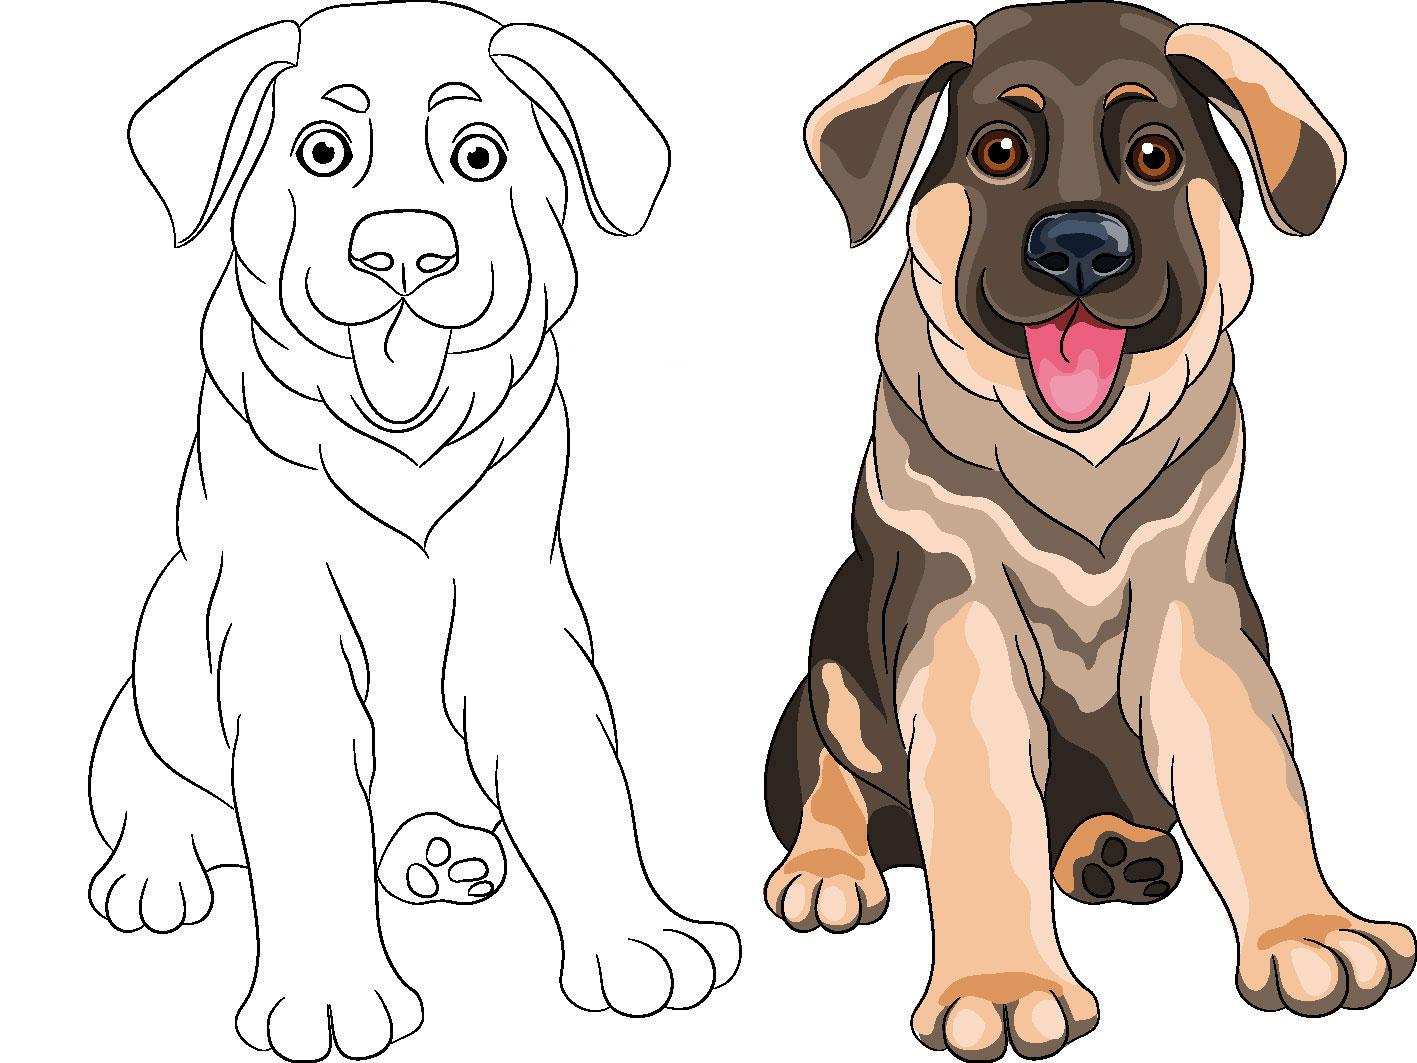 Dibujos de perros para colorear - Hogarmania